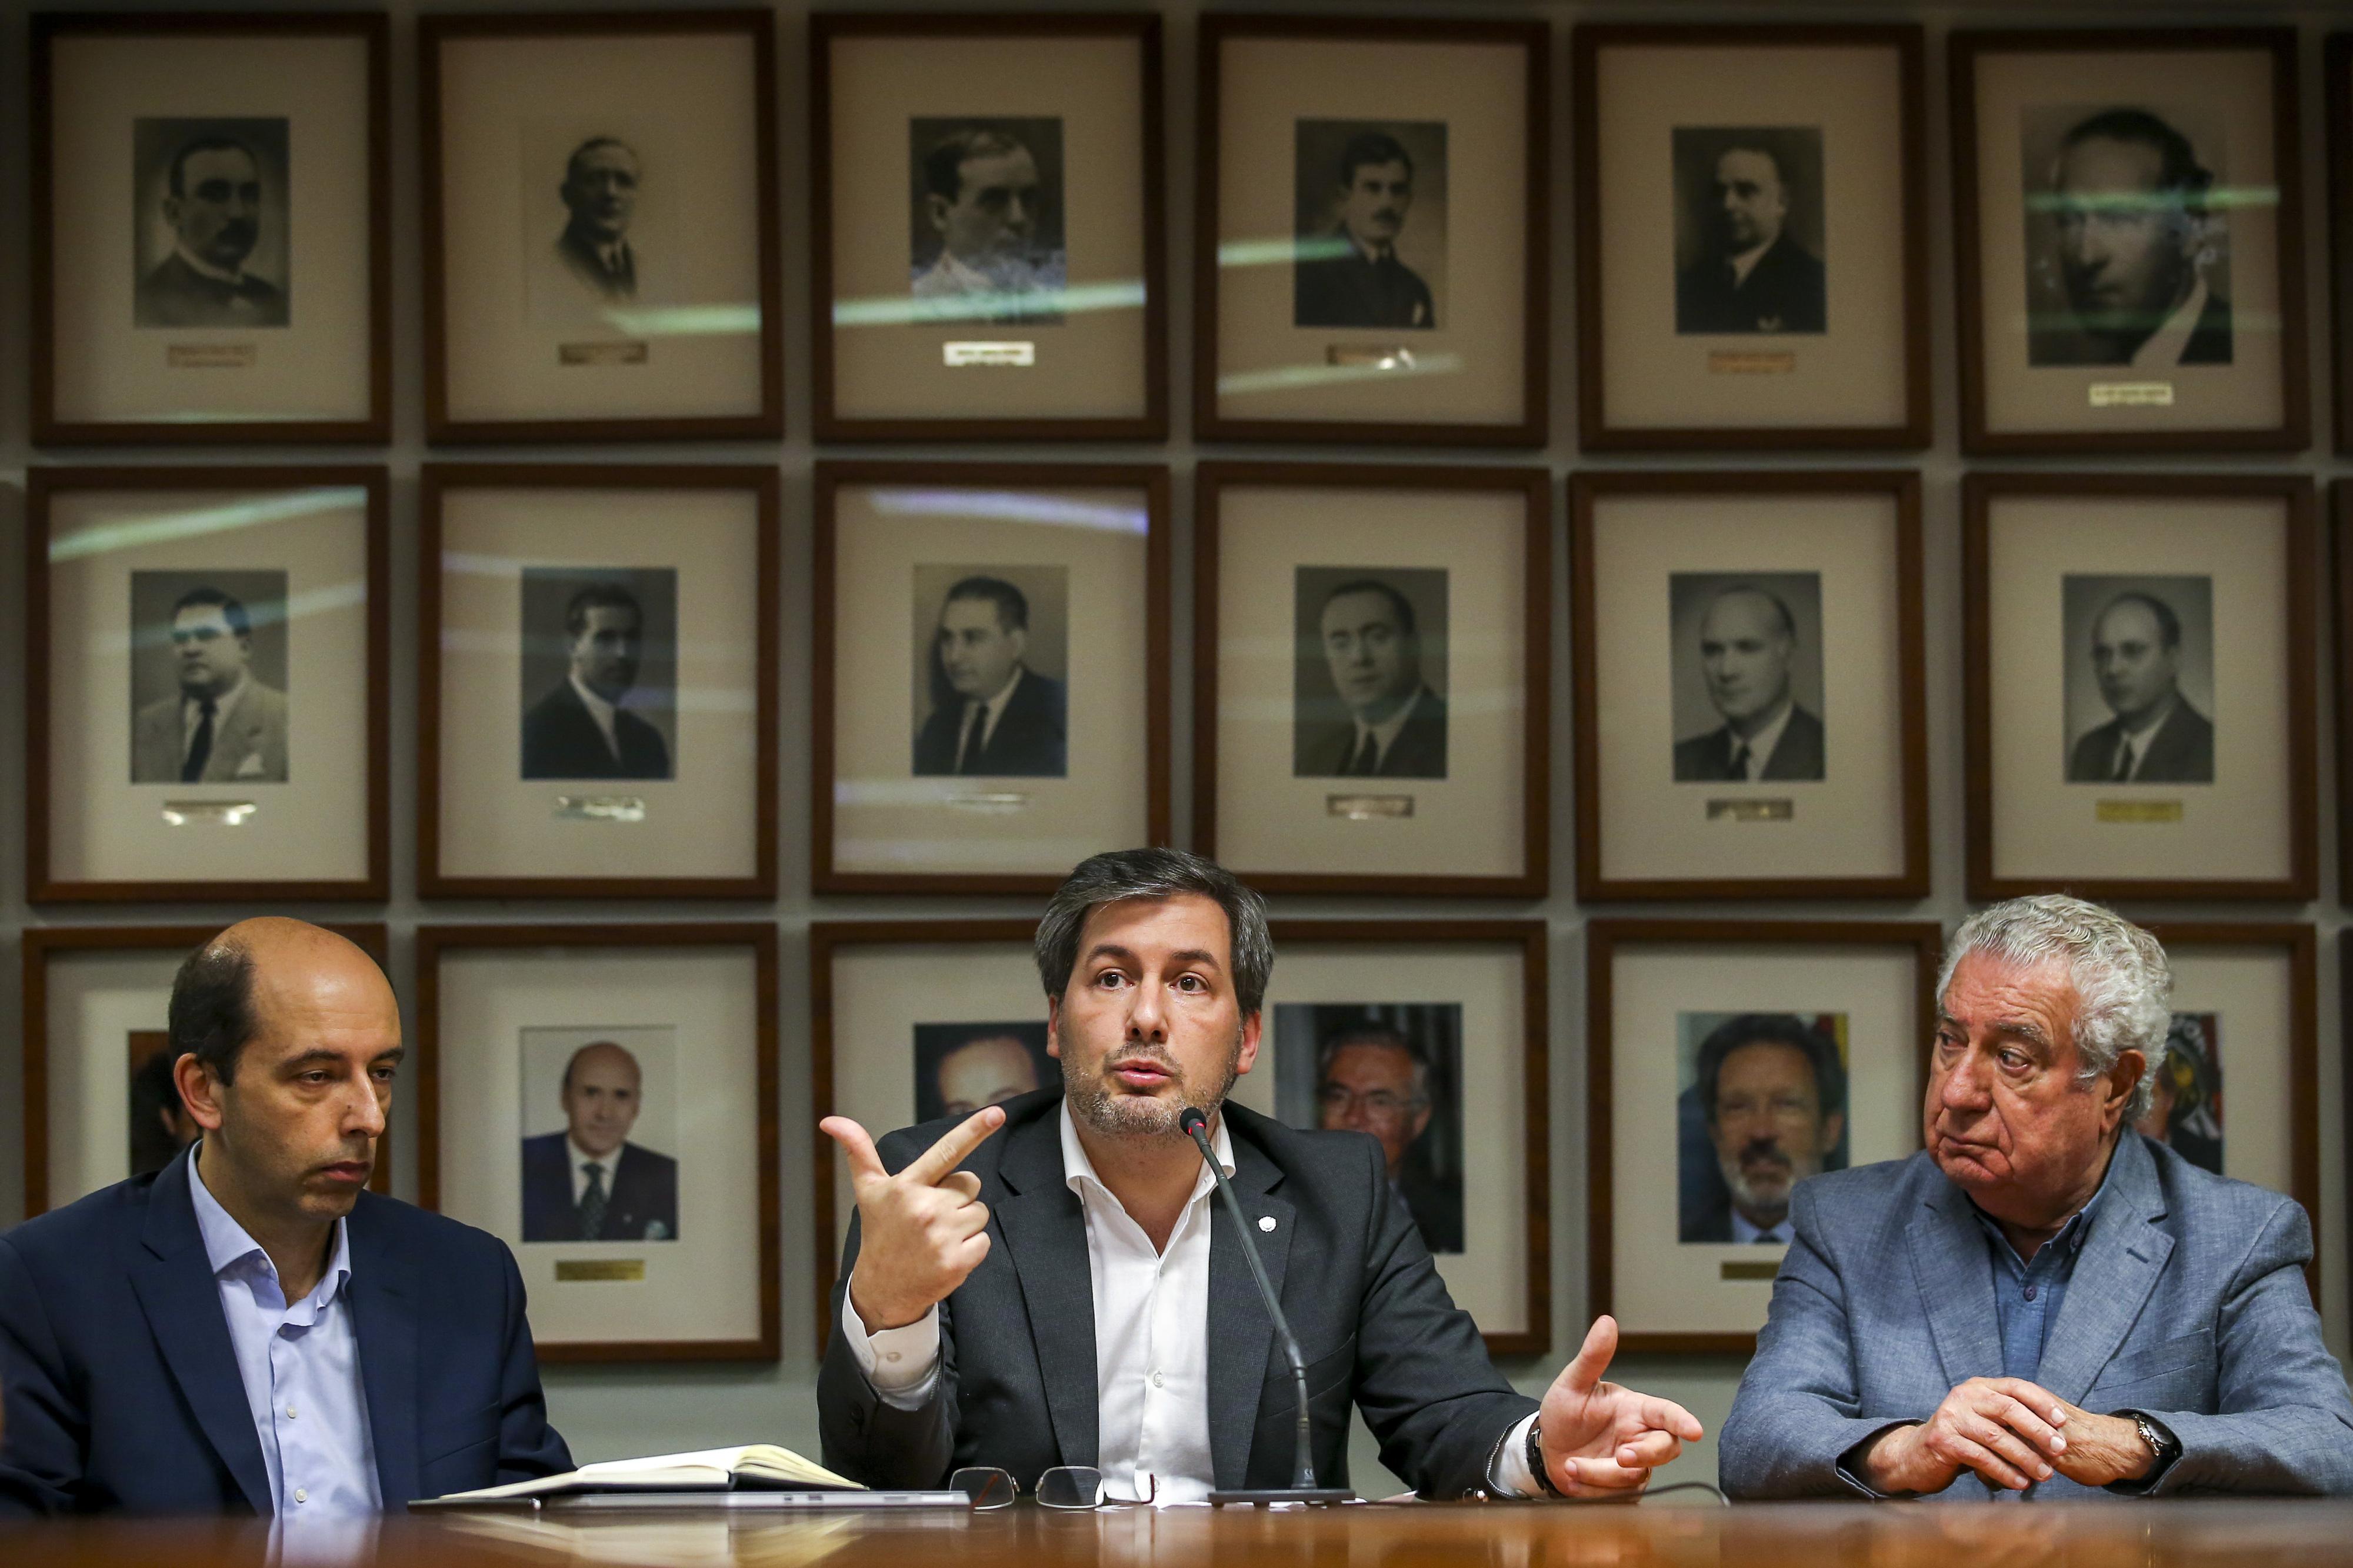 Bruno de Carvalho lança cinco questões aos sócios em mais um ataque à Jaime Marta Soares